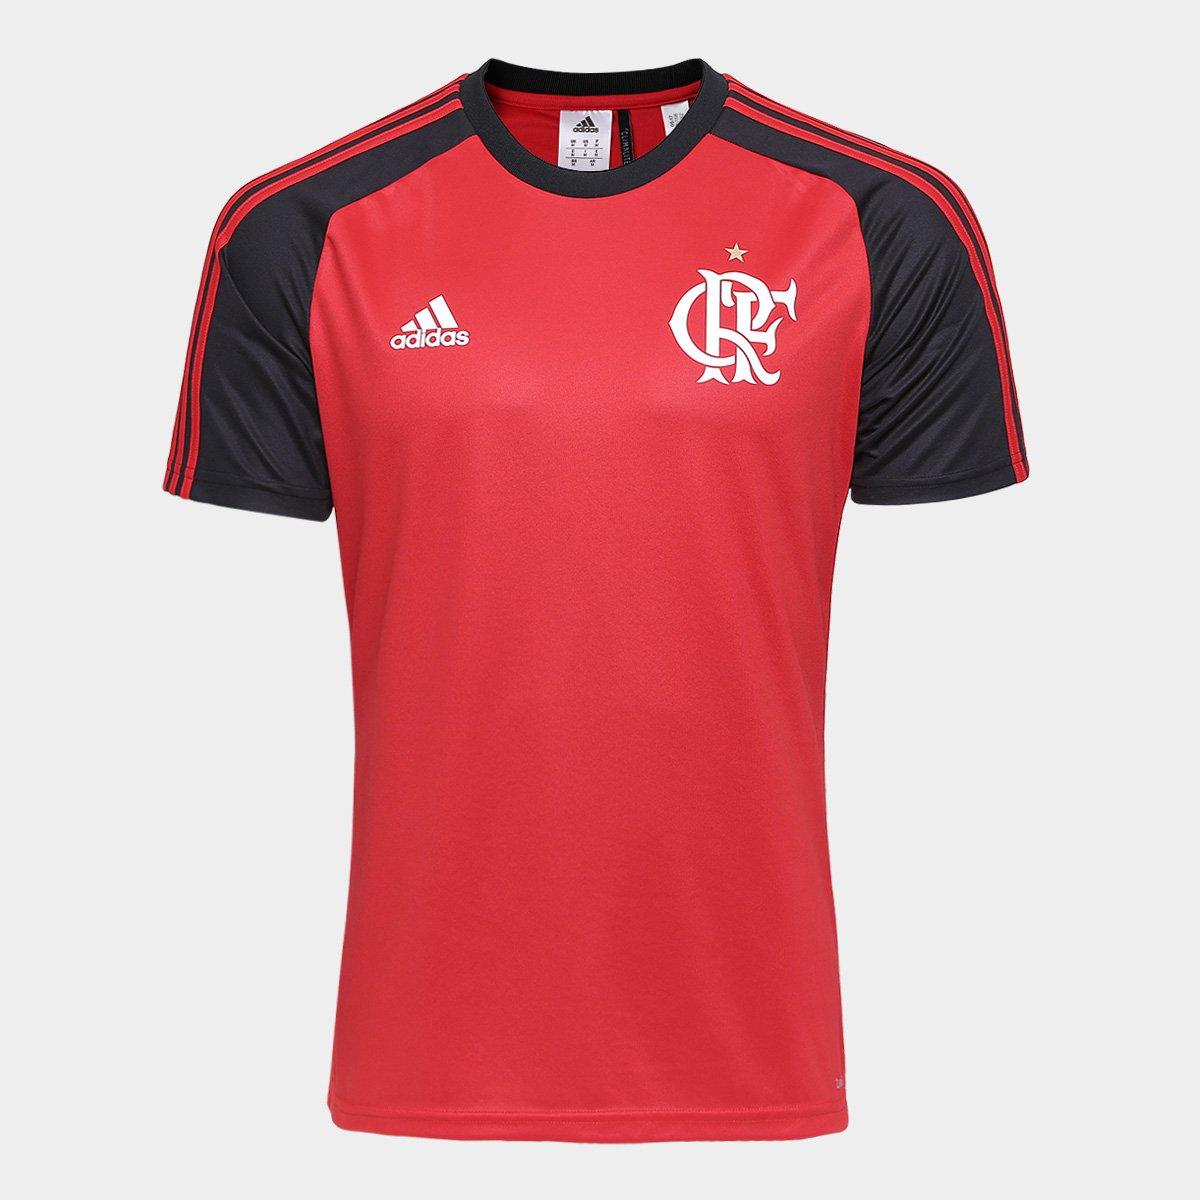 Camisa Flamengo I 17 18 Réplica Torcedor Adidas Masculina - Compre ... a72506b00e1e3